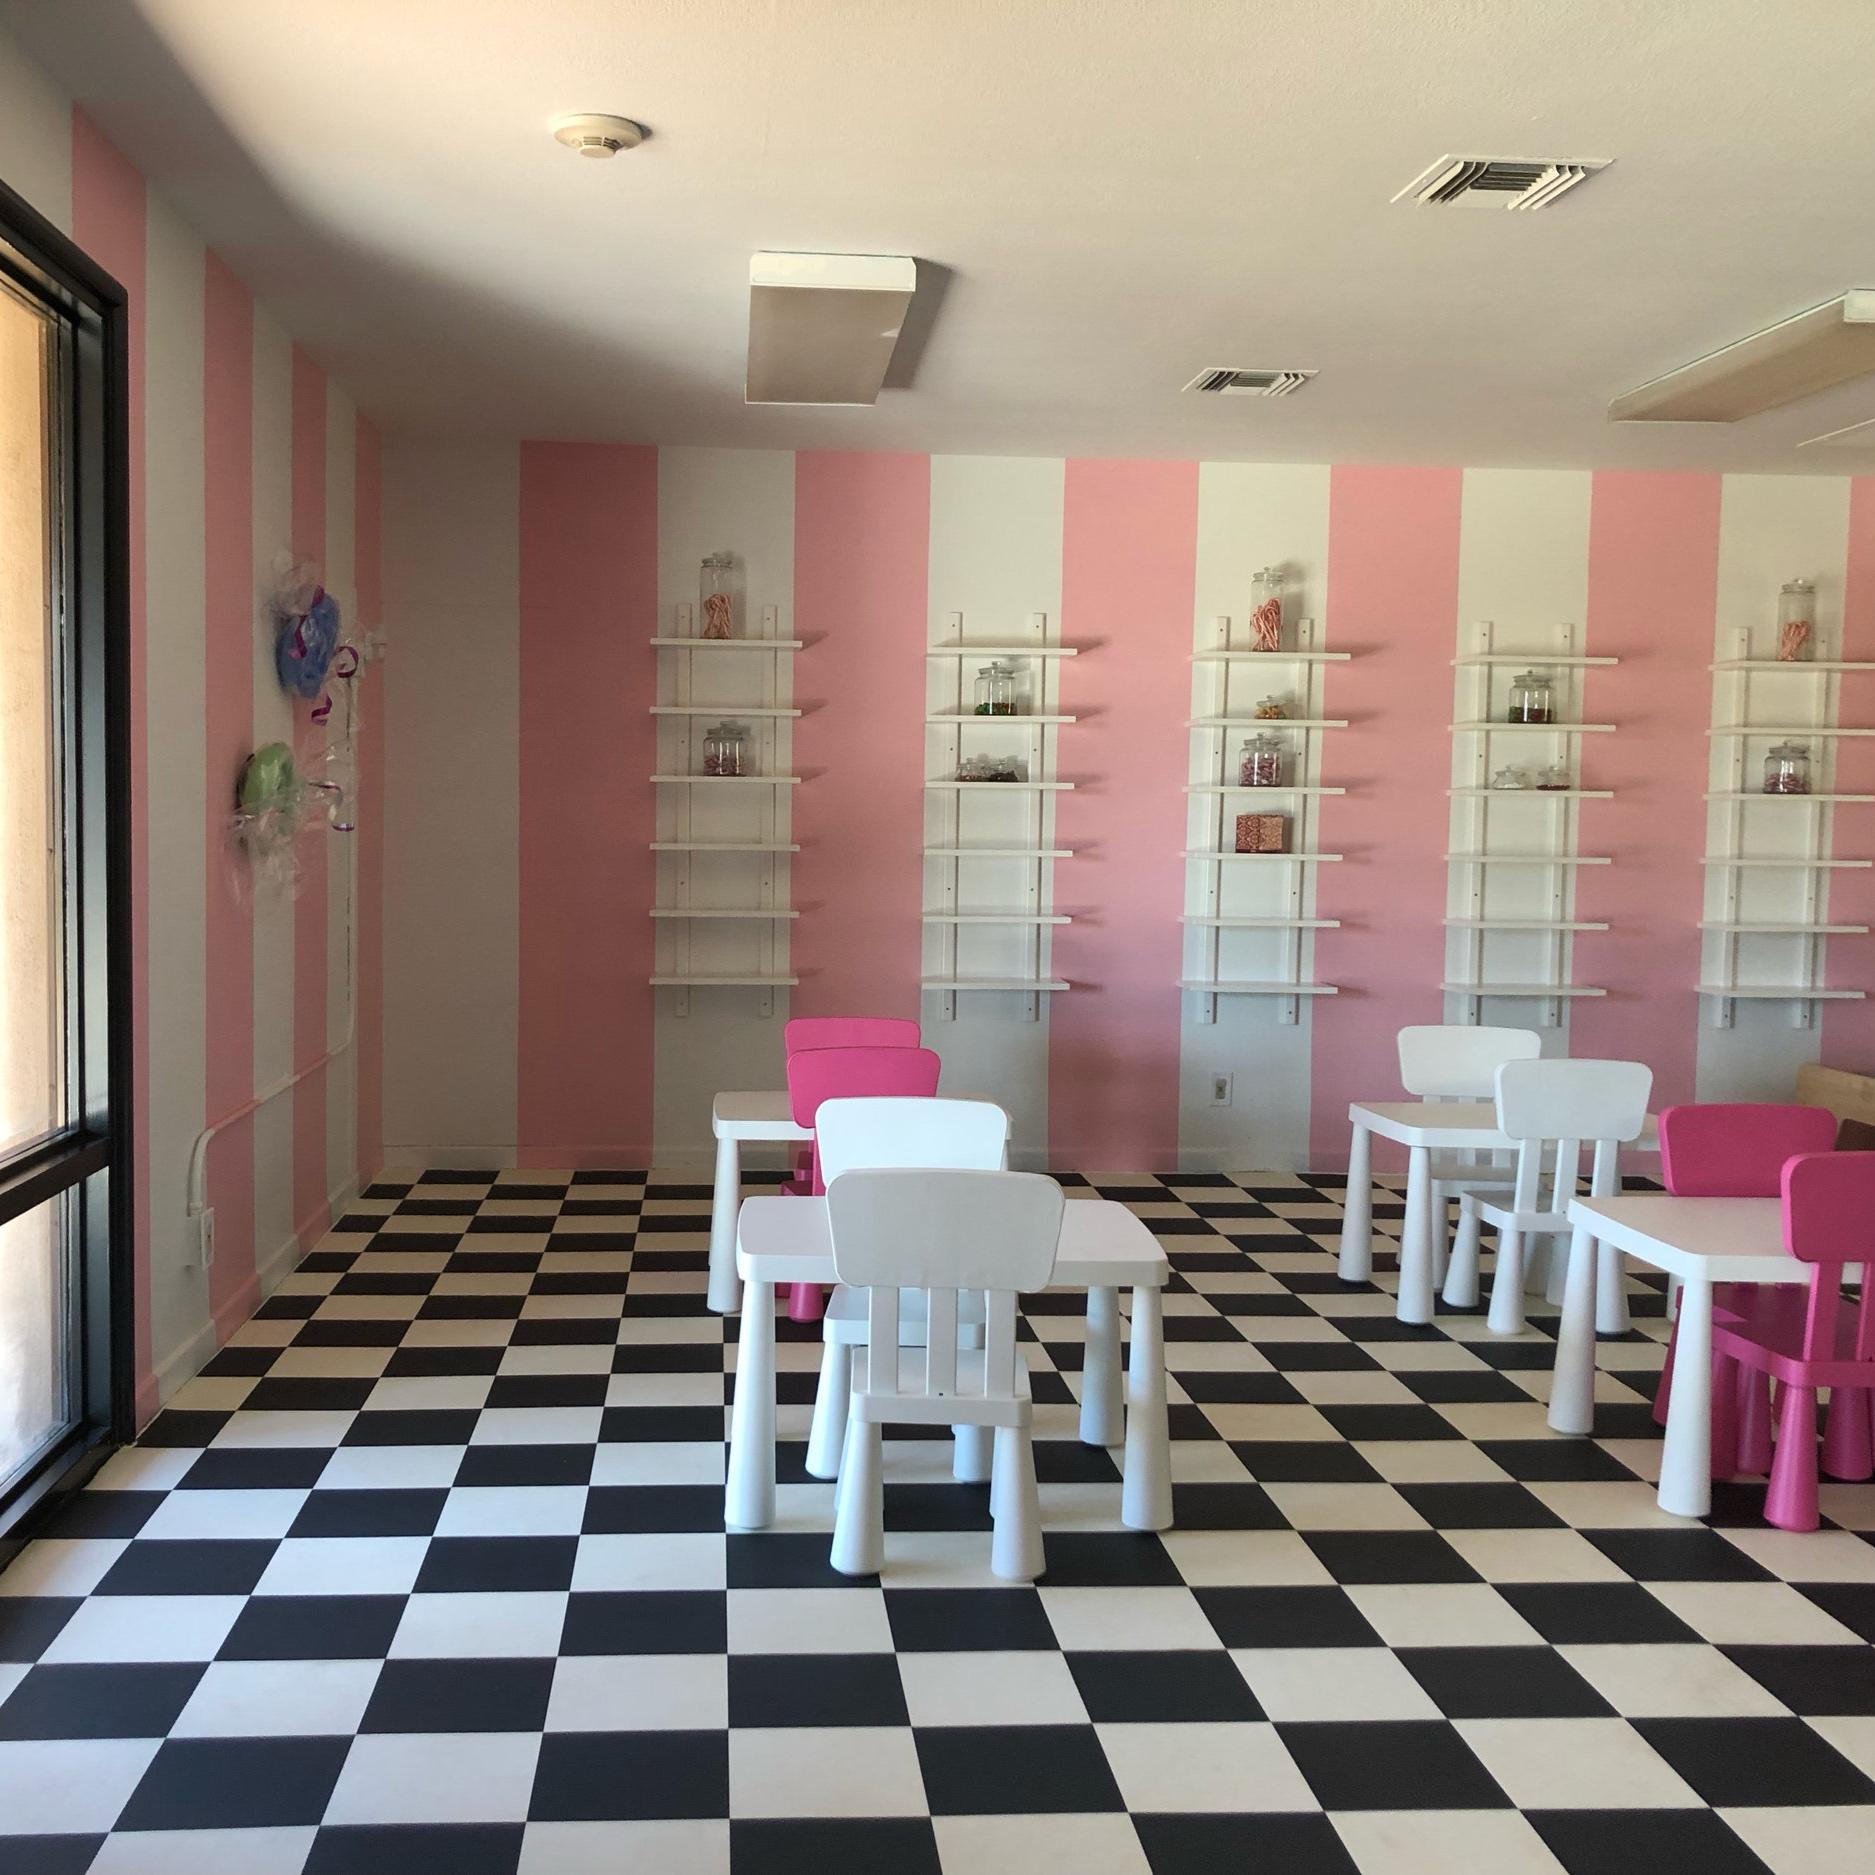 Candy Shop(3YR-K) -